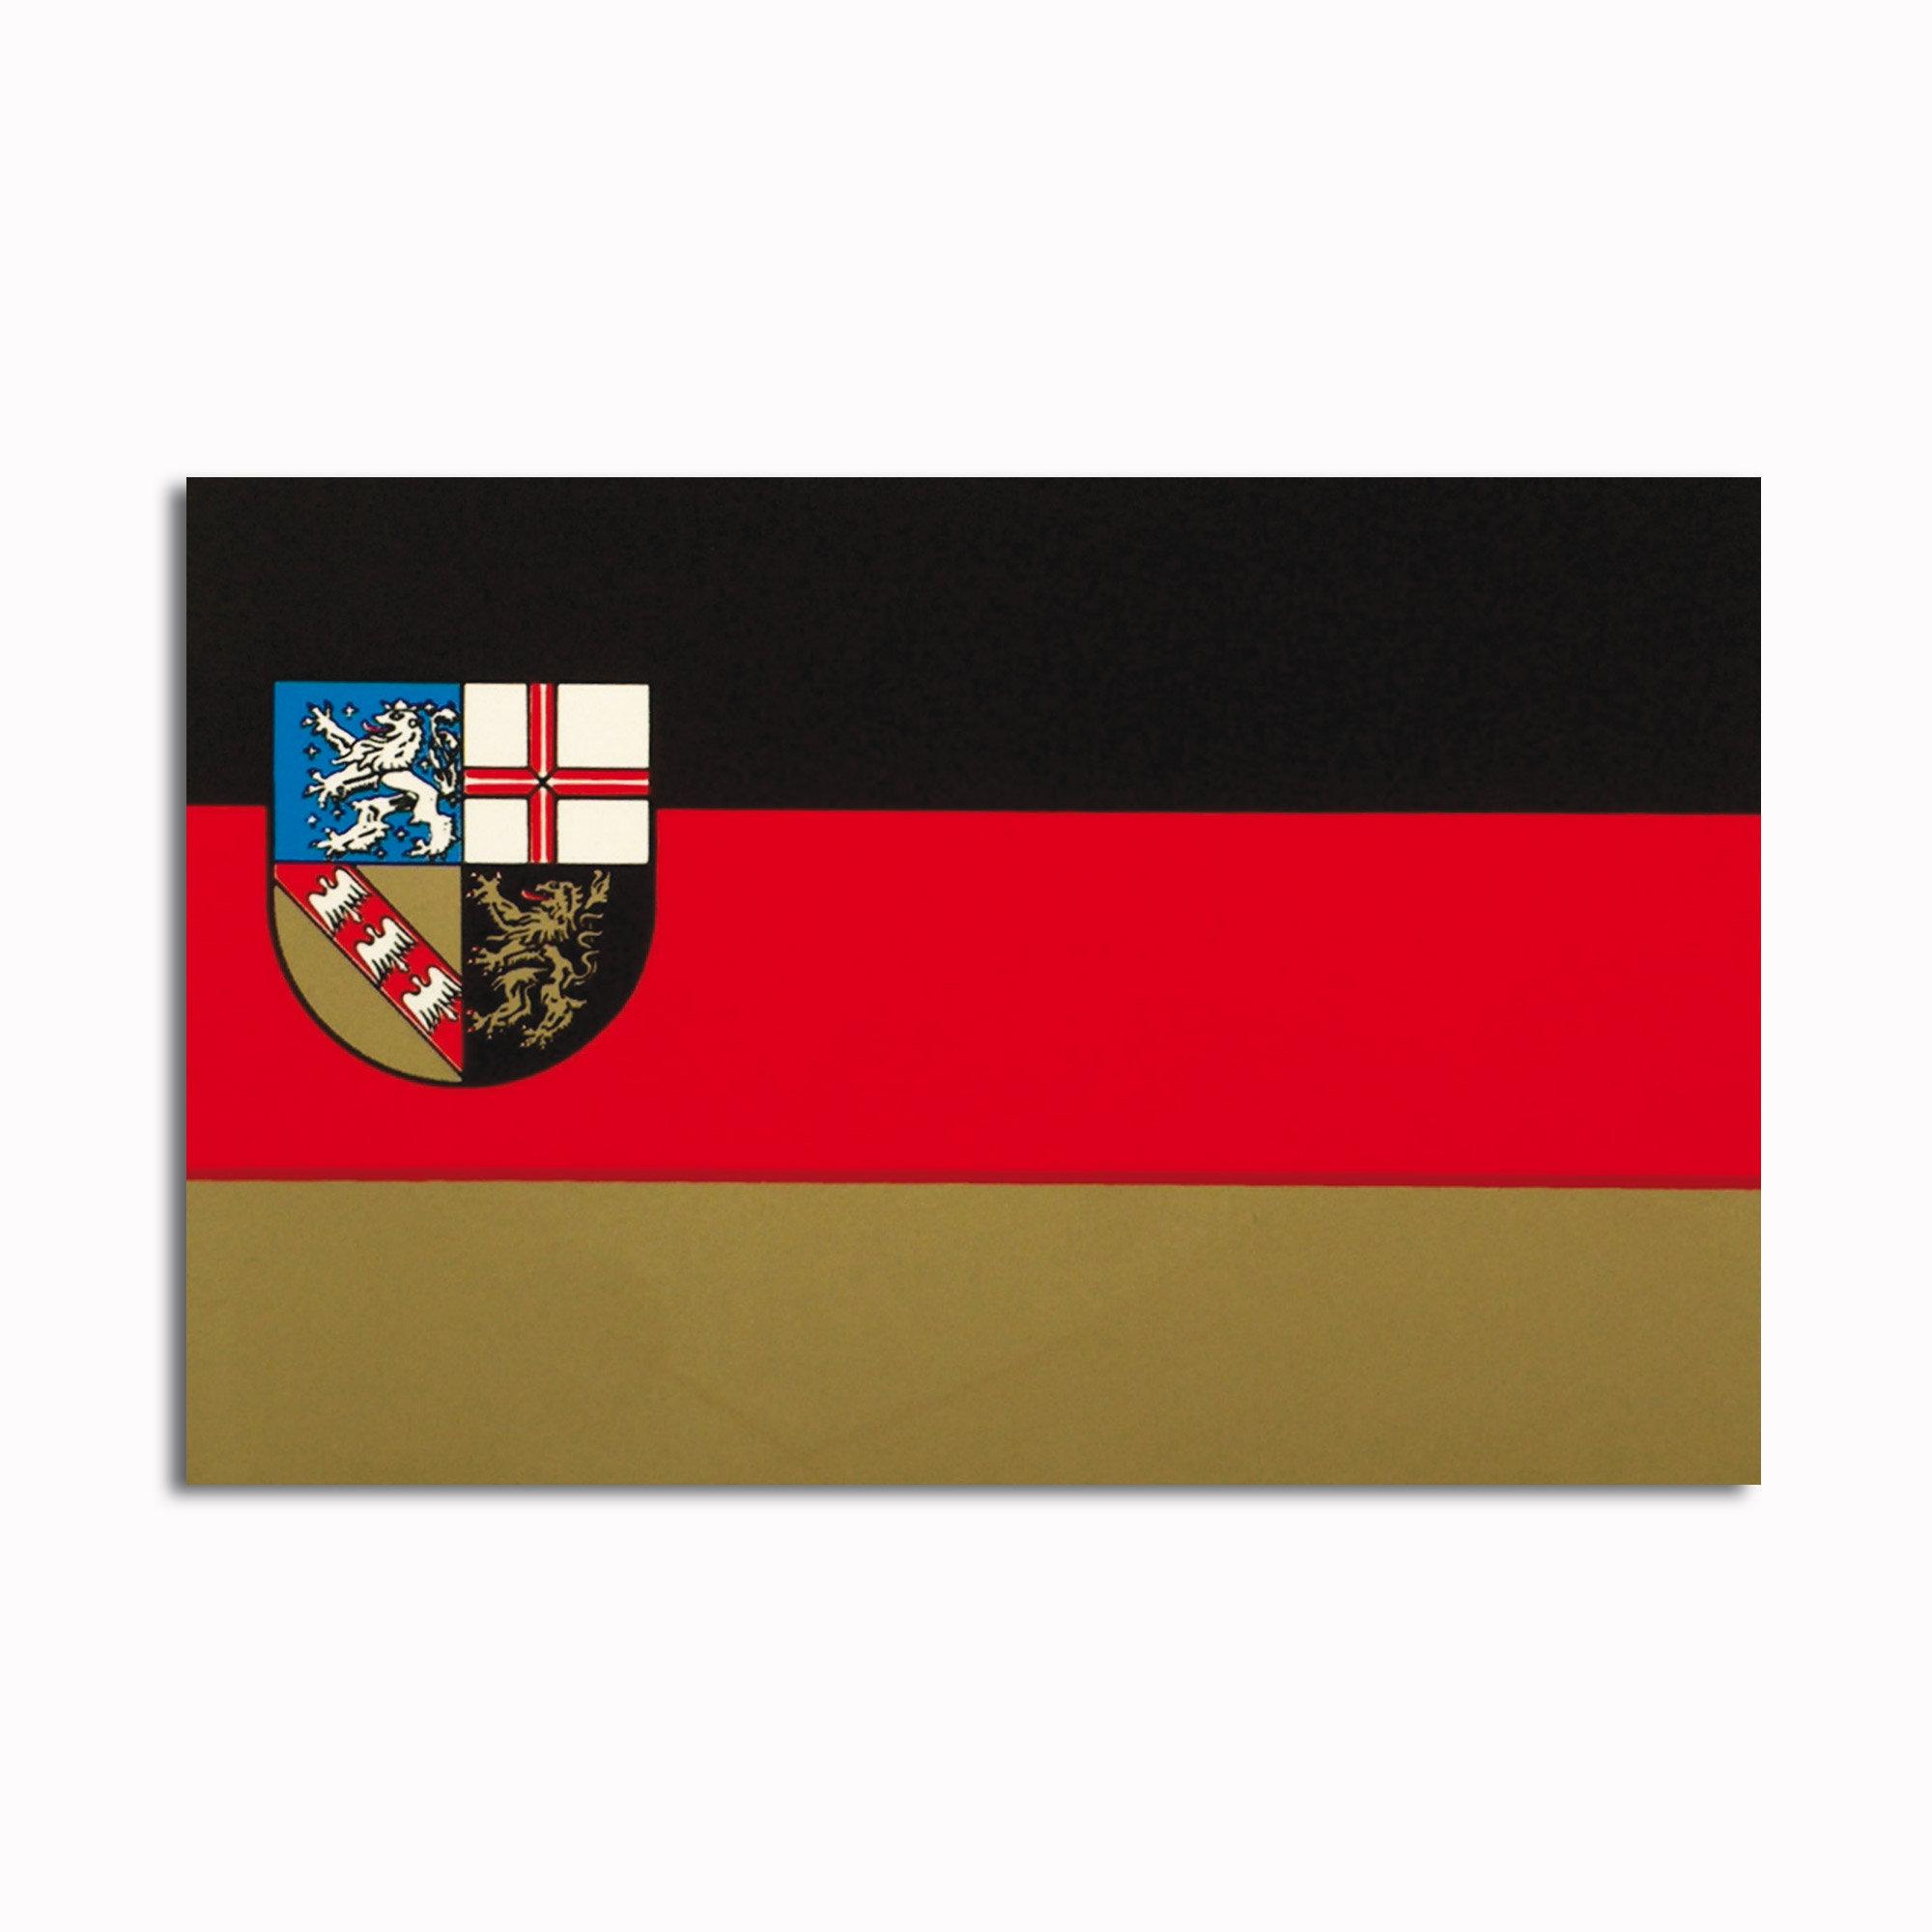 Sticker Saarland